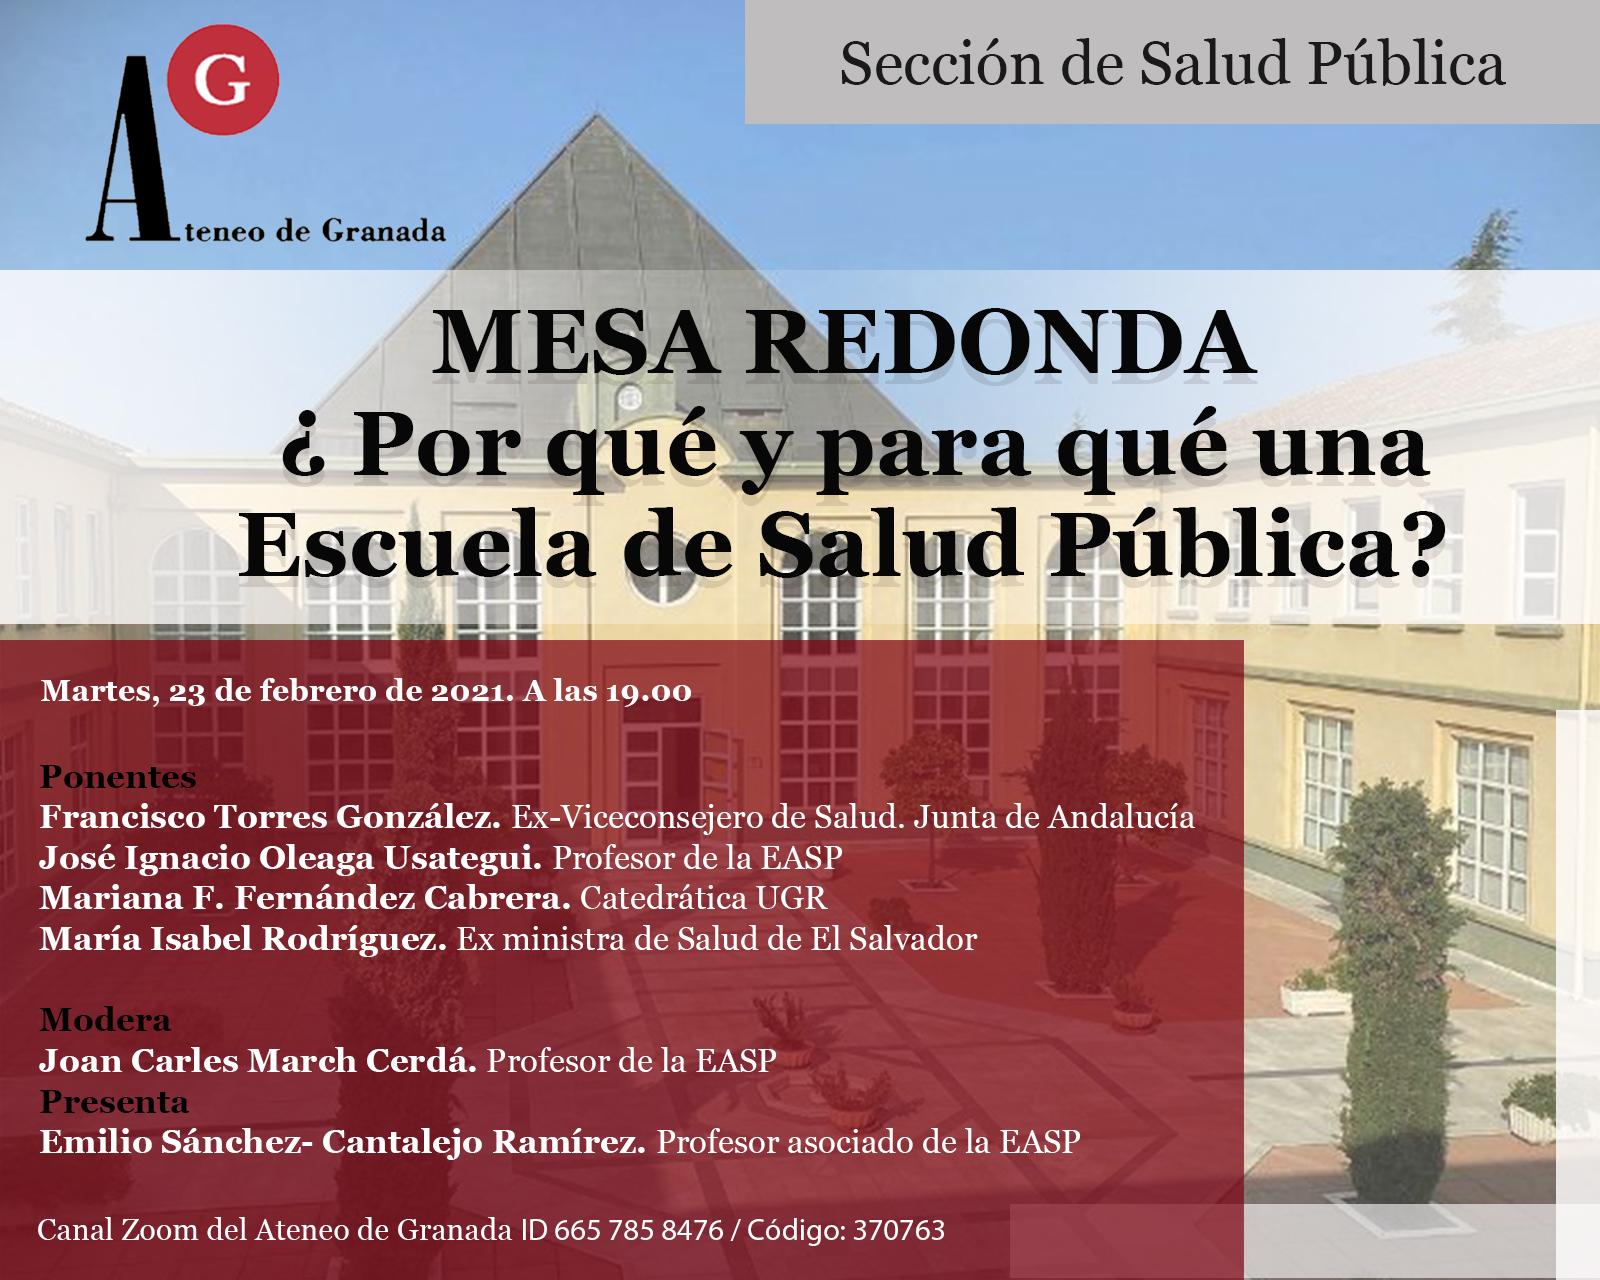 Mesa Redonda | ¿Por qué y para qué una Escuela de Salud Pública?